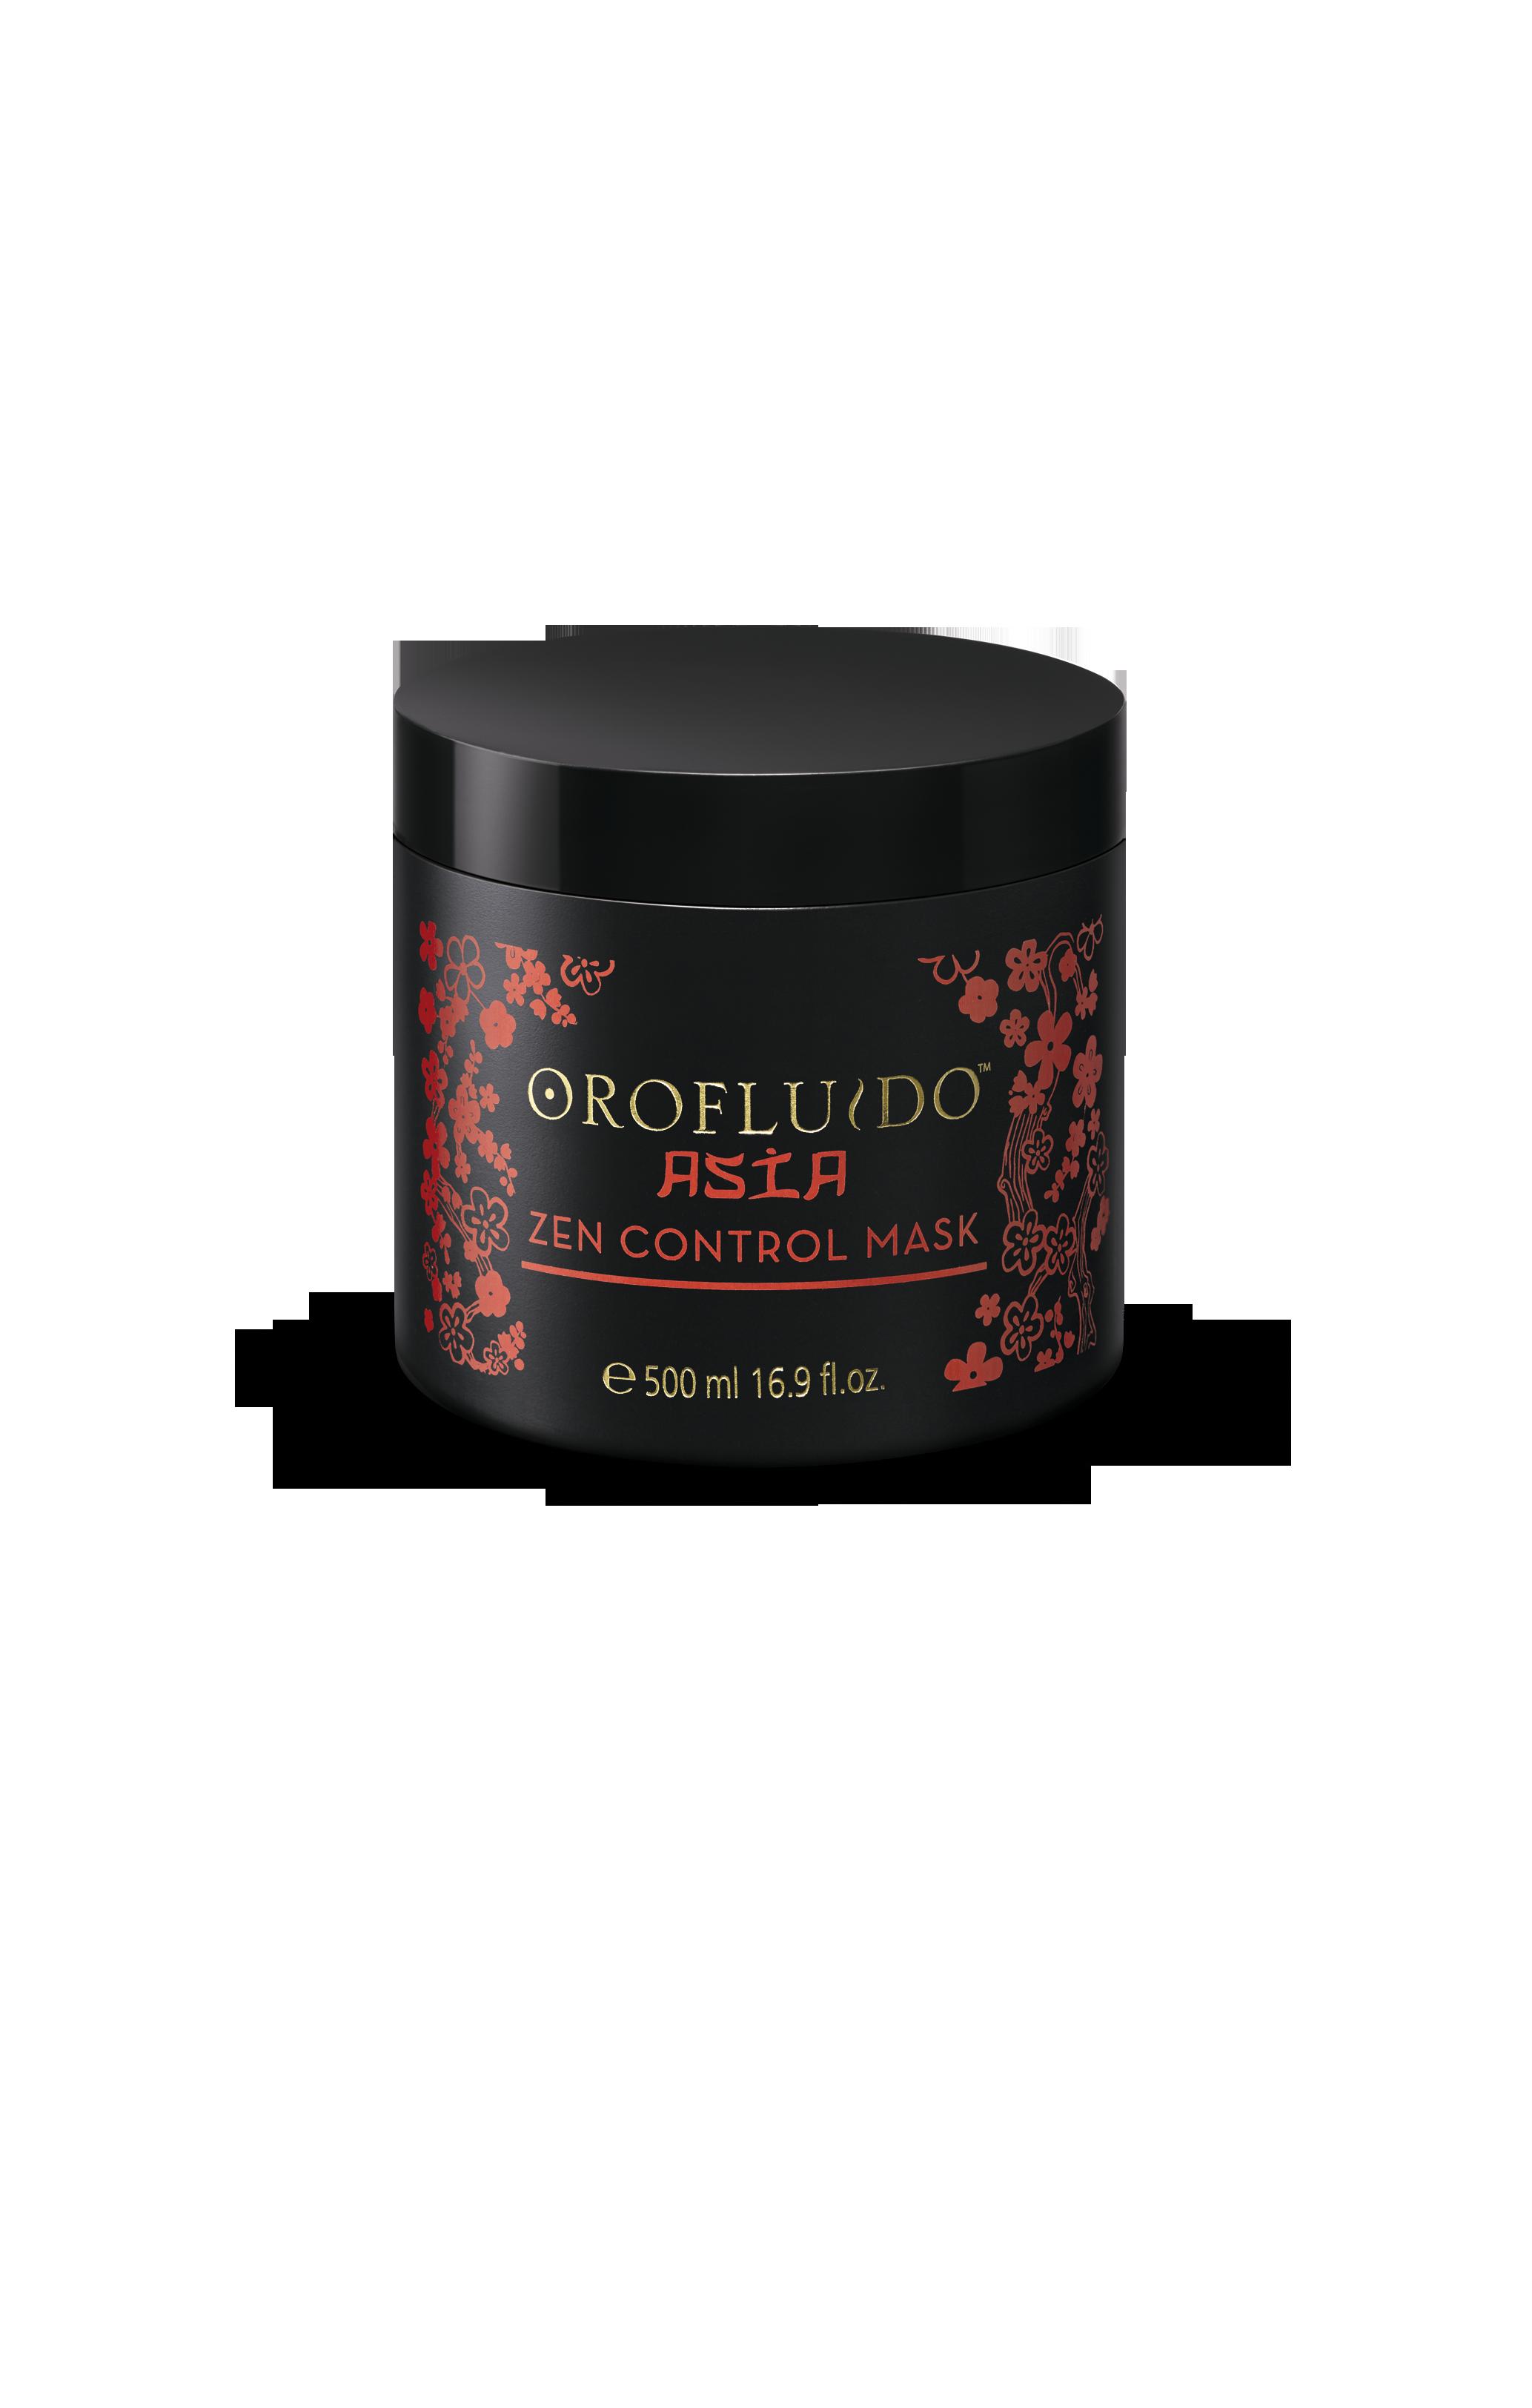 OROFLUIDO Маска для волос / Orofluido mask ASIA 500млМаски<br>Восхитительная крем-маска для интенсивного ухода за волосами •Протеины Пшеницы восстанавливают волос и протеины кератина поддерживают эластичность волосяного волокна •Дисциплинирует вьющиеся и пушистые волосы. •Содержит пантенол, который проникает в стержень волоса. Питает и улучшает качество волос, предотвращает ломкость, сокращает количество сеченых волос. •Обогащен Гидролизованным кукурузным крахмалом, благодаря которому уменьшается спутывание волос. Легко смывается. Для всех типов непослушных волос.<br><br>Типы волос: Для всех типов